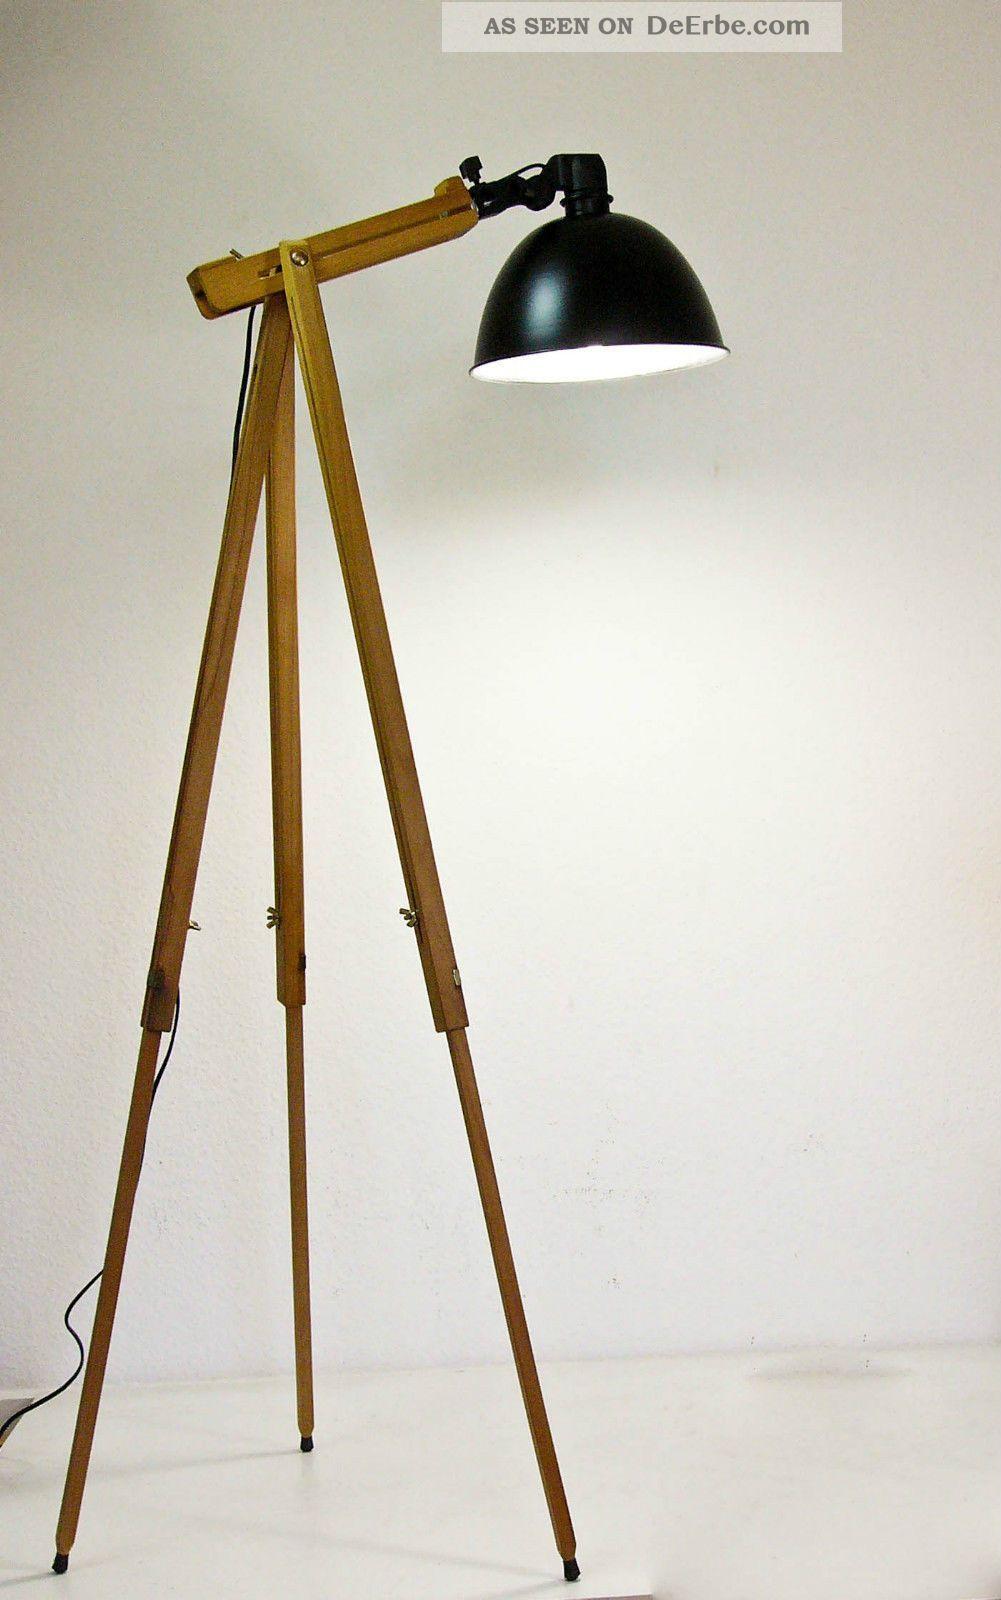 Fancy Tripod Stehlampe Scheinwerfer Stehleuchte Dreibein Holz Stativ Lampe Retro er Bild